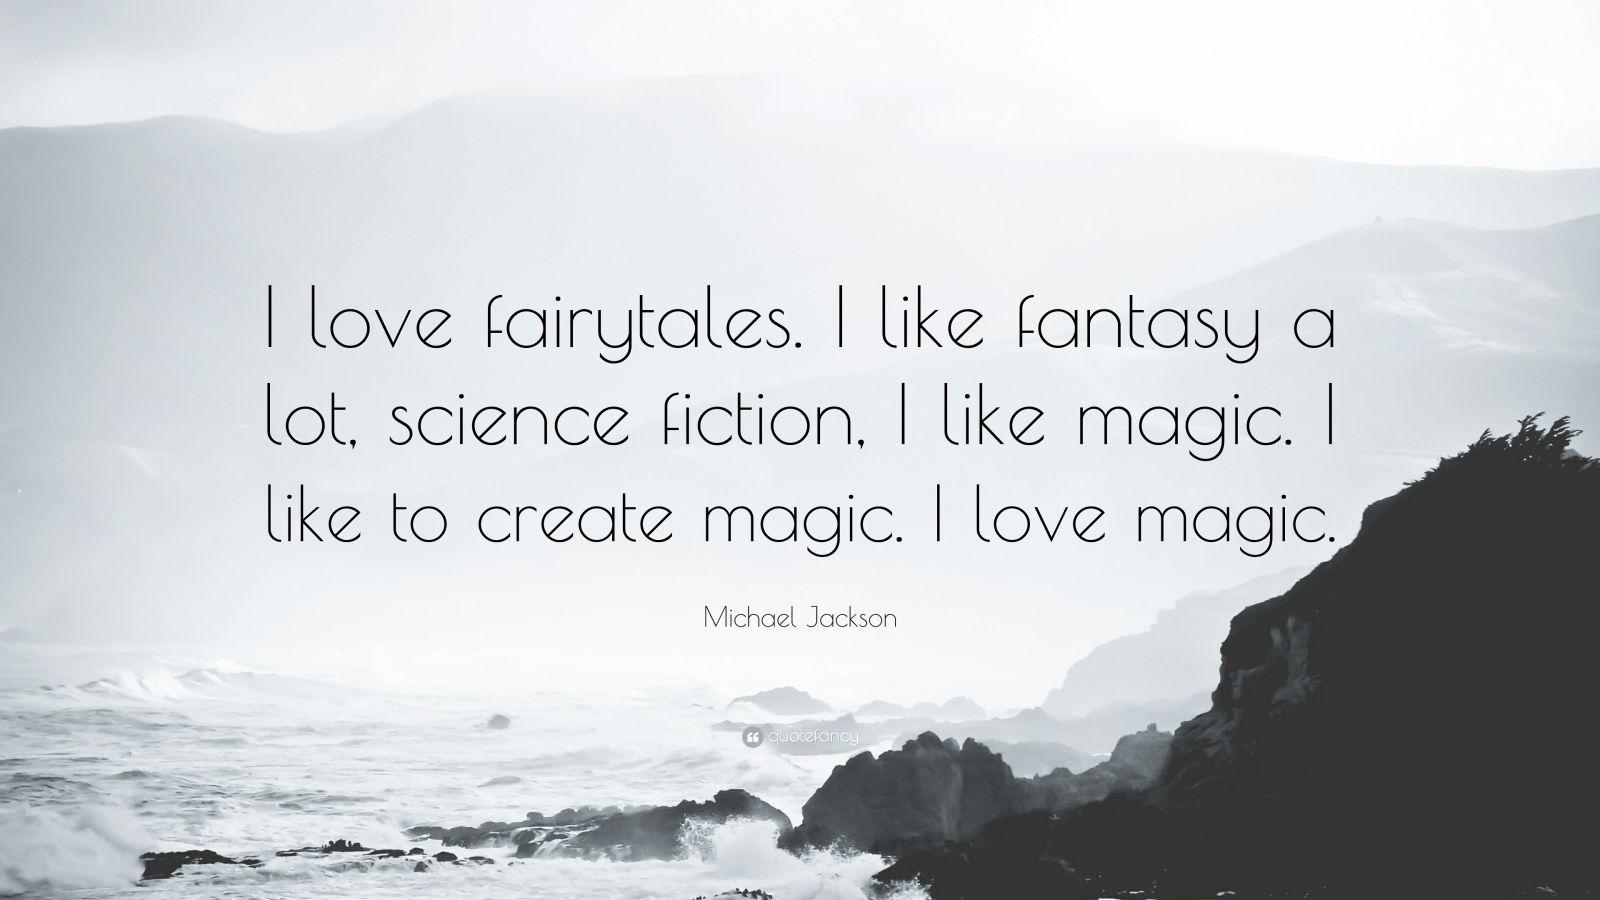 """Michael Jackson Quote: """"I love fairytales. I like fantasy a lot, science fiction, I like magic. I like to create magic. I love magic."""""""